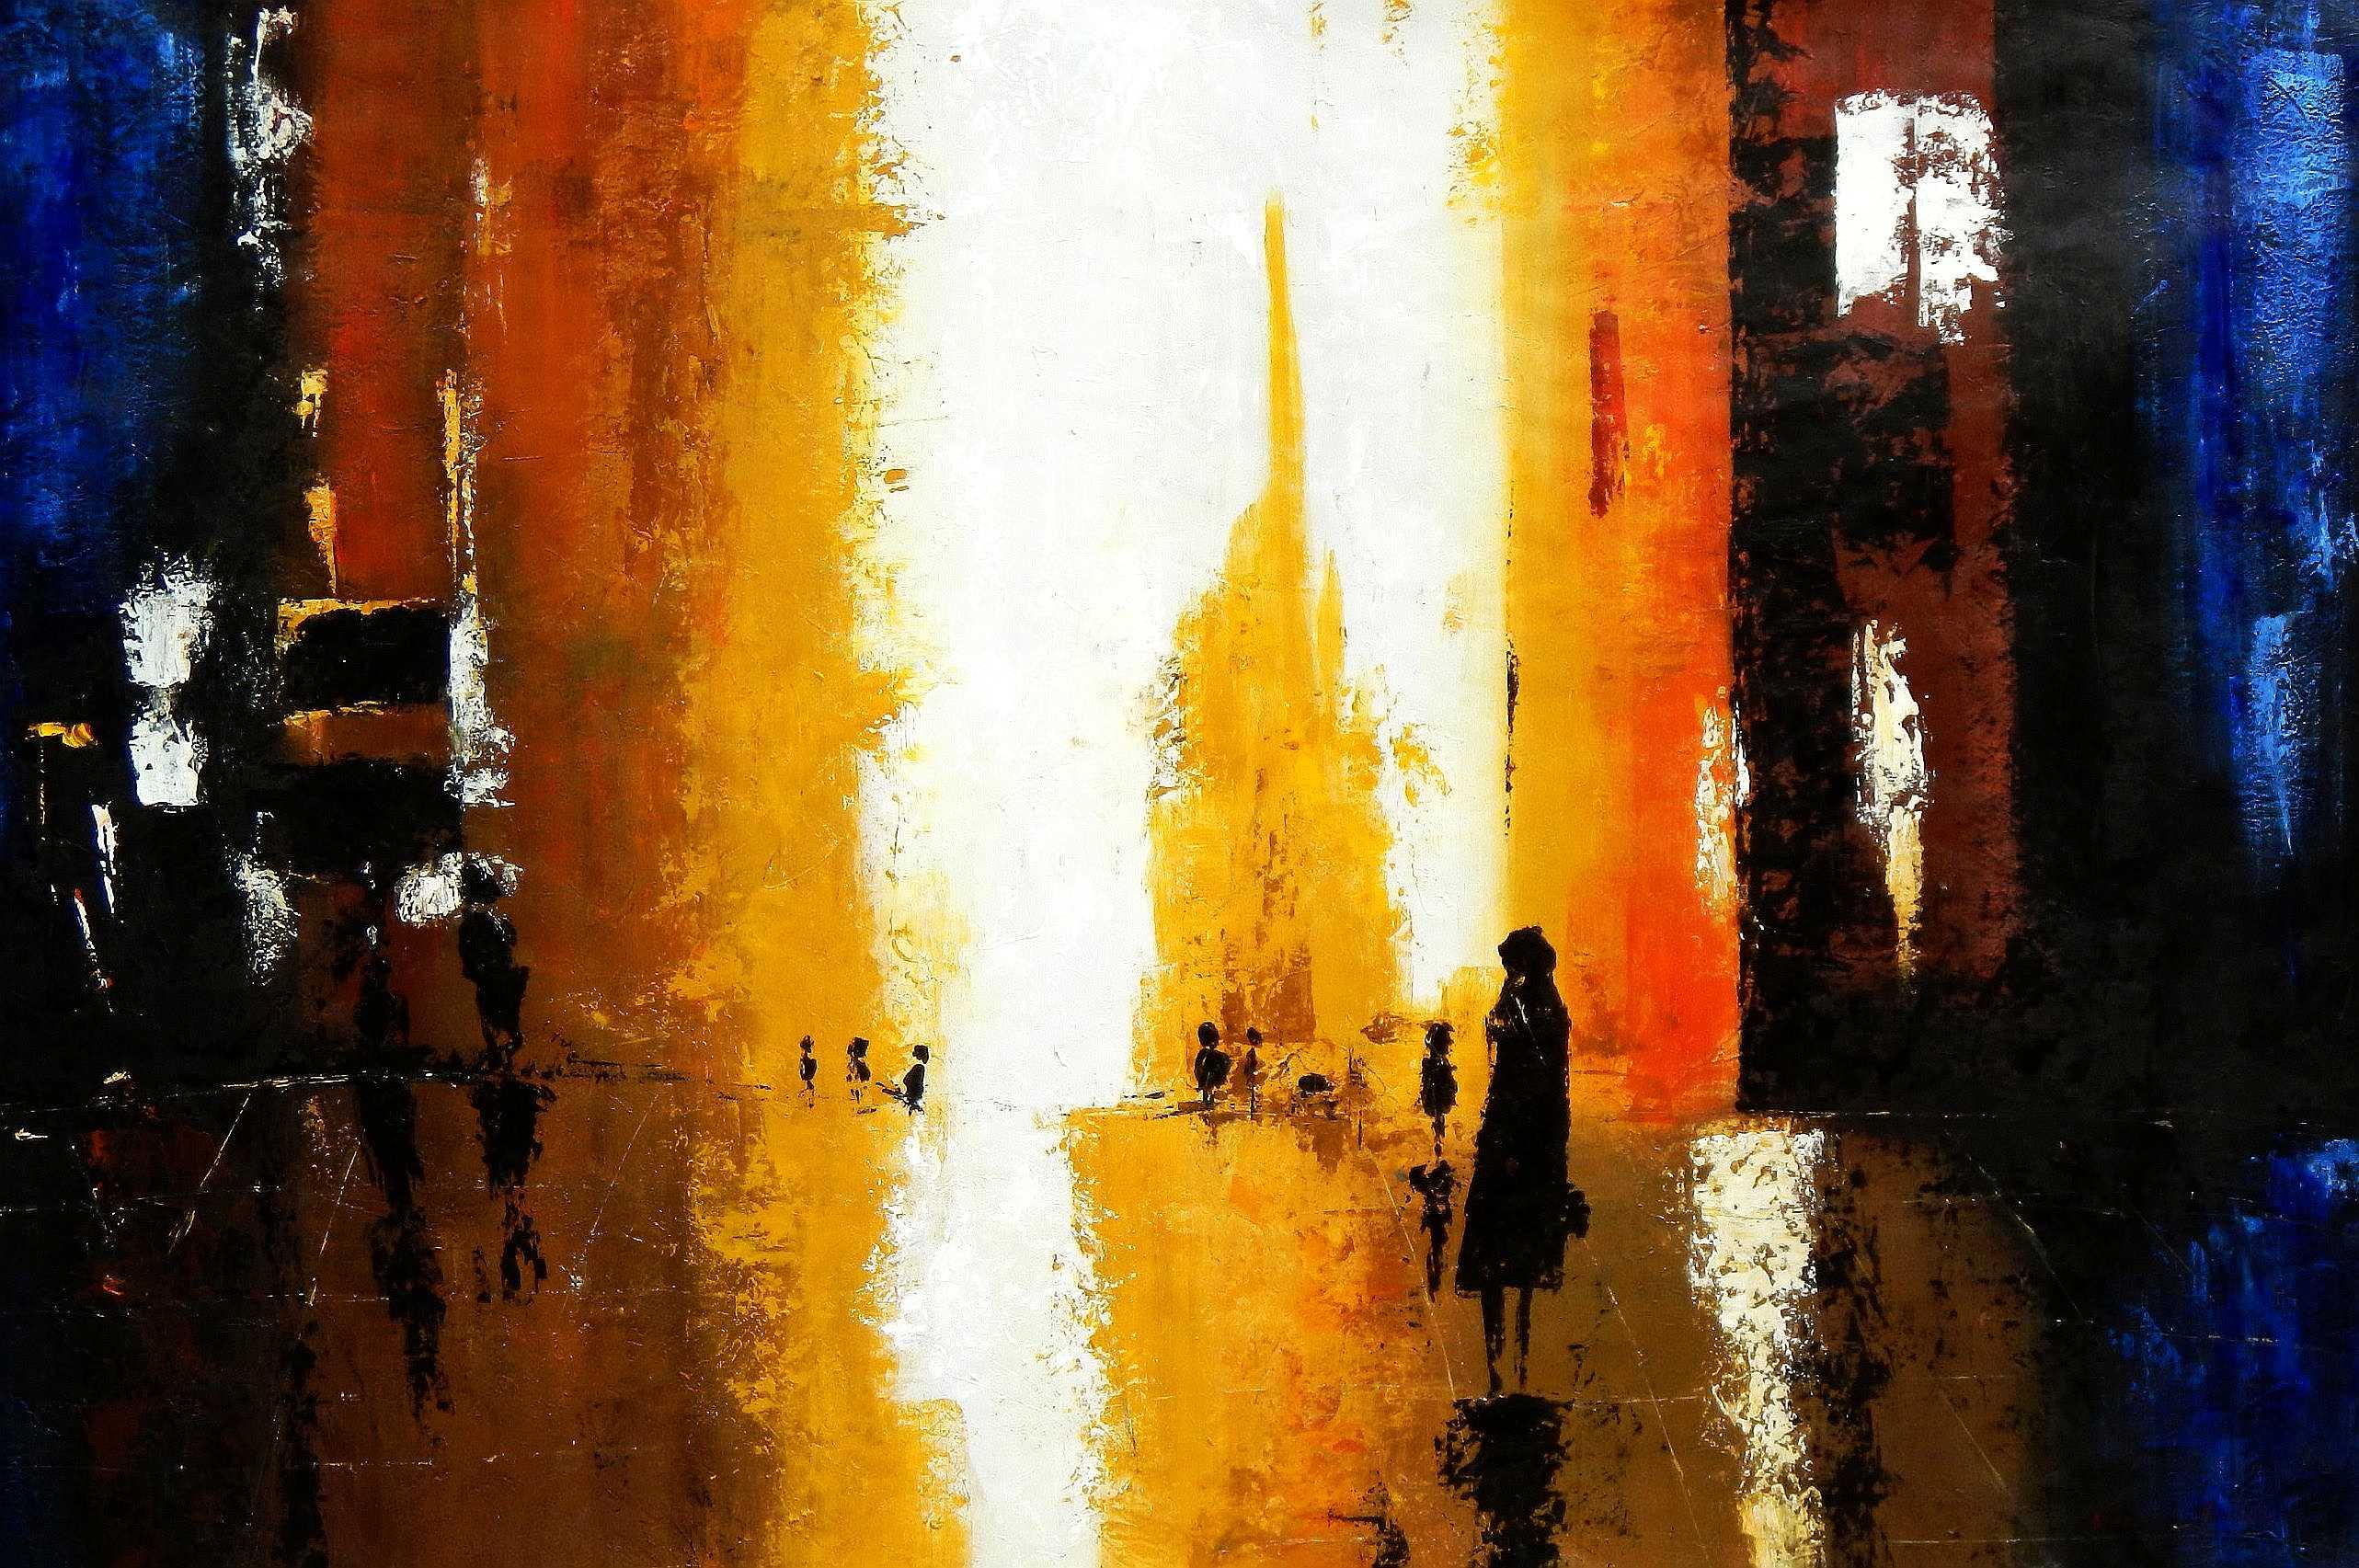 Abstrakt - Berlin Galeries Lafayette p95976 120x180cm abstraktes Ölbild handgemalt